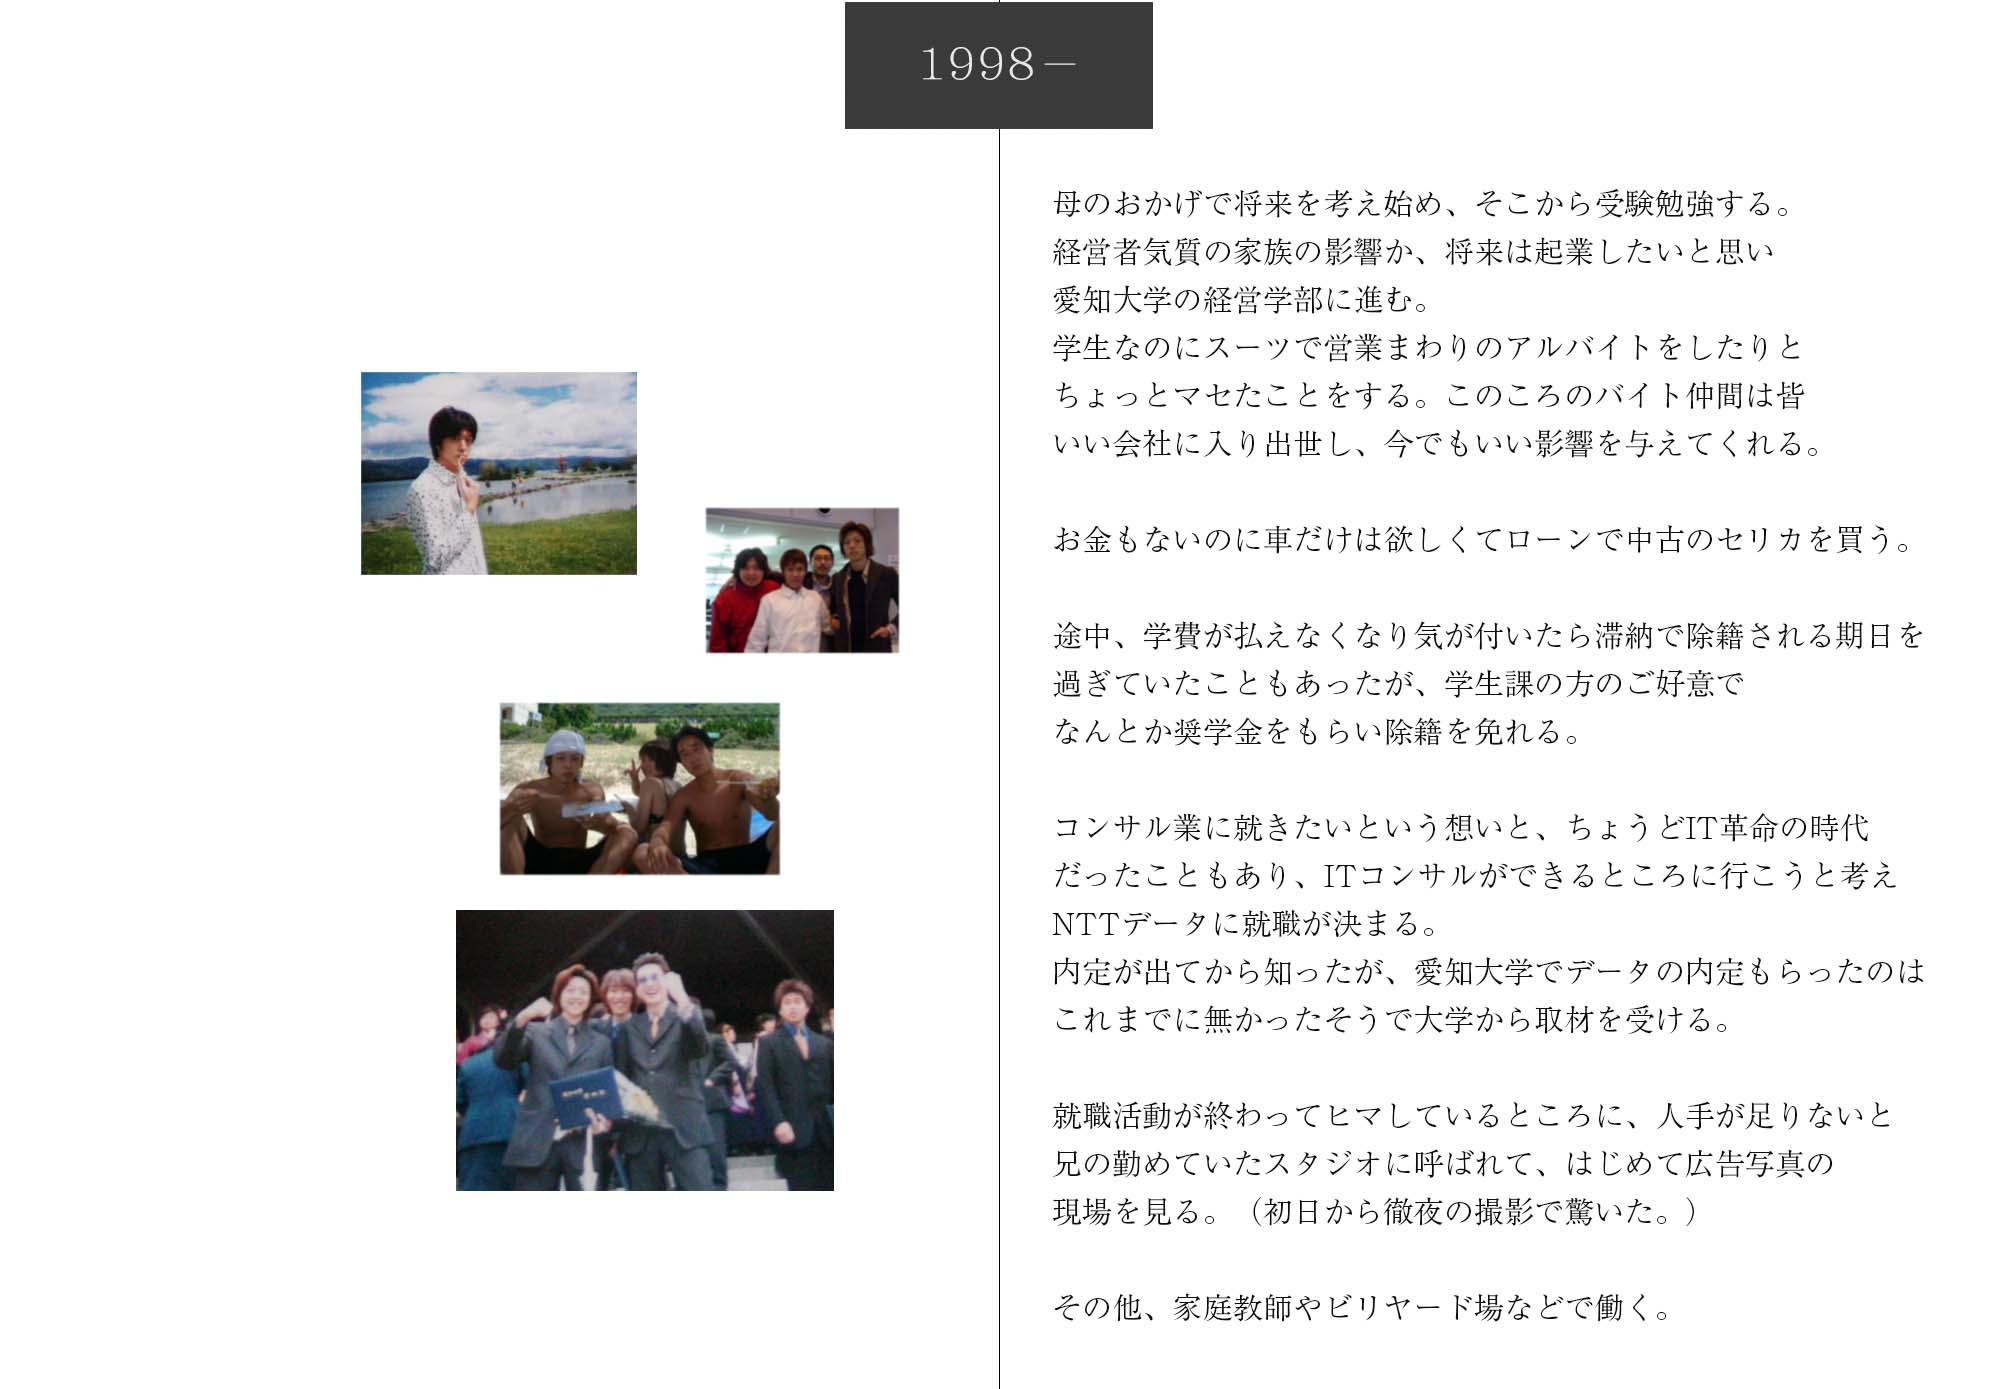 20131228_佐治秀保史_04